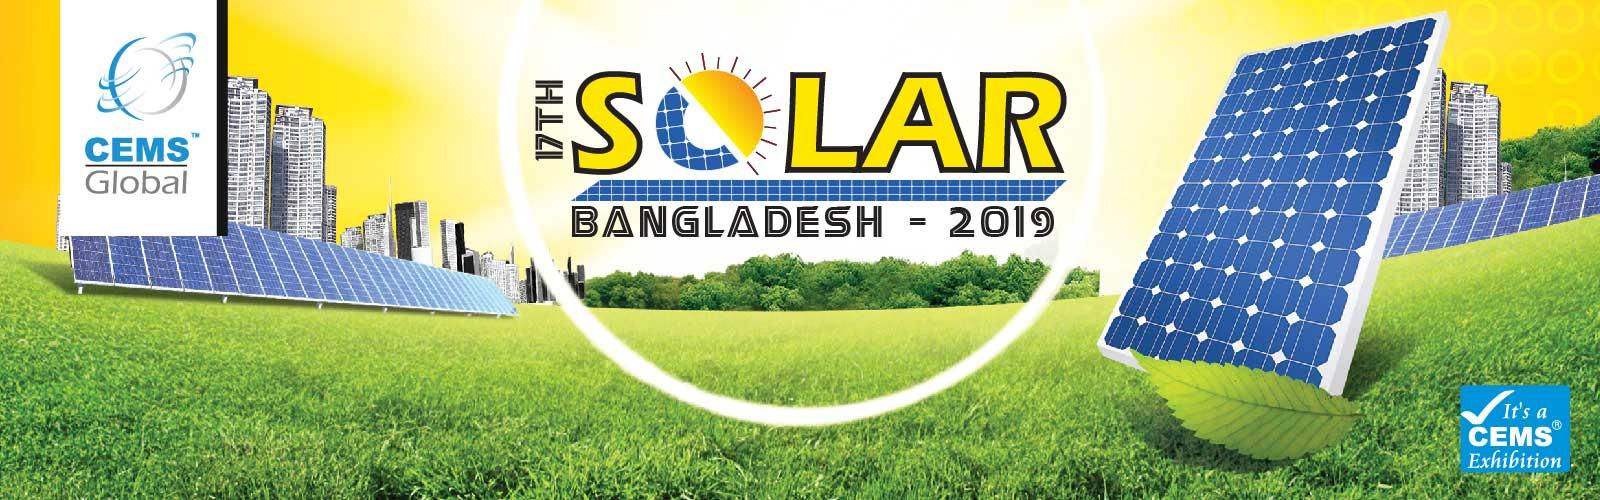 solar1600x500.jpg